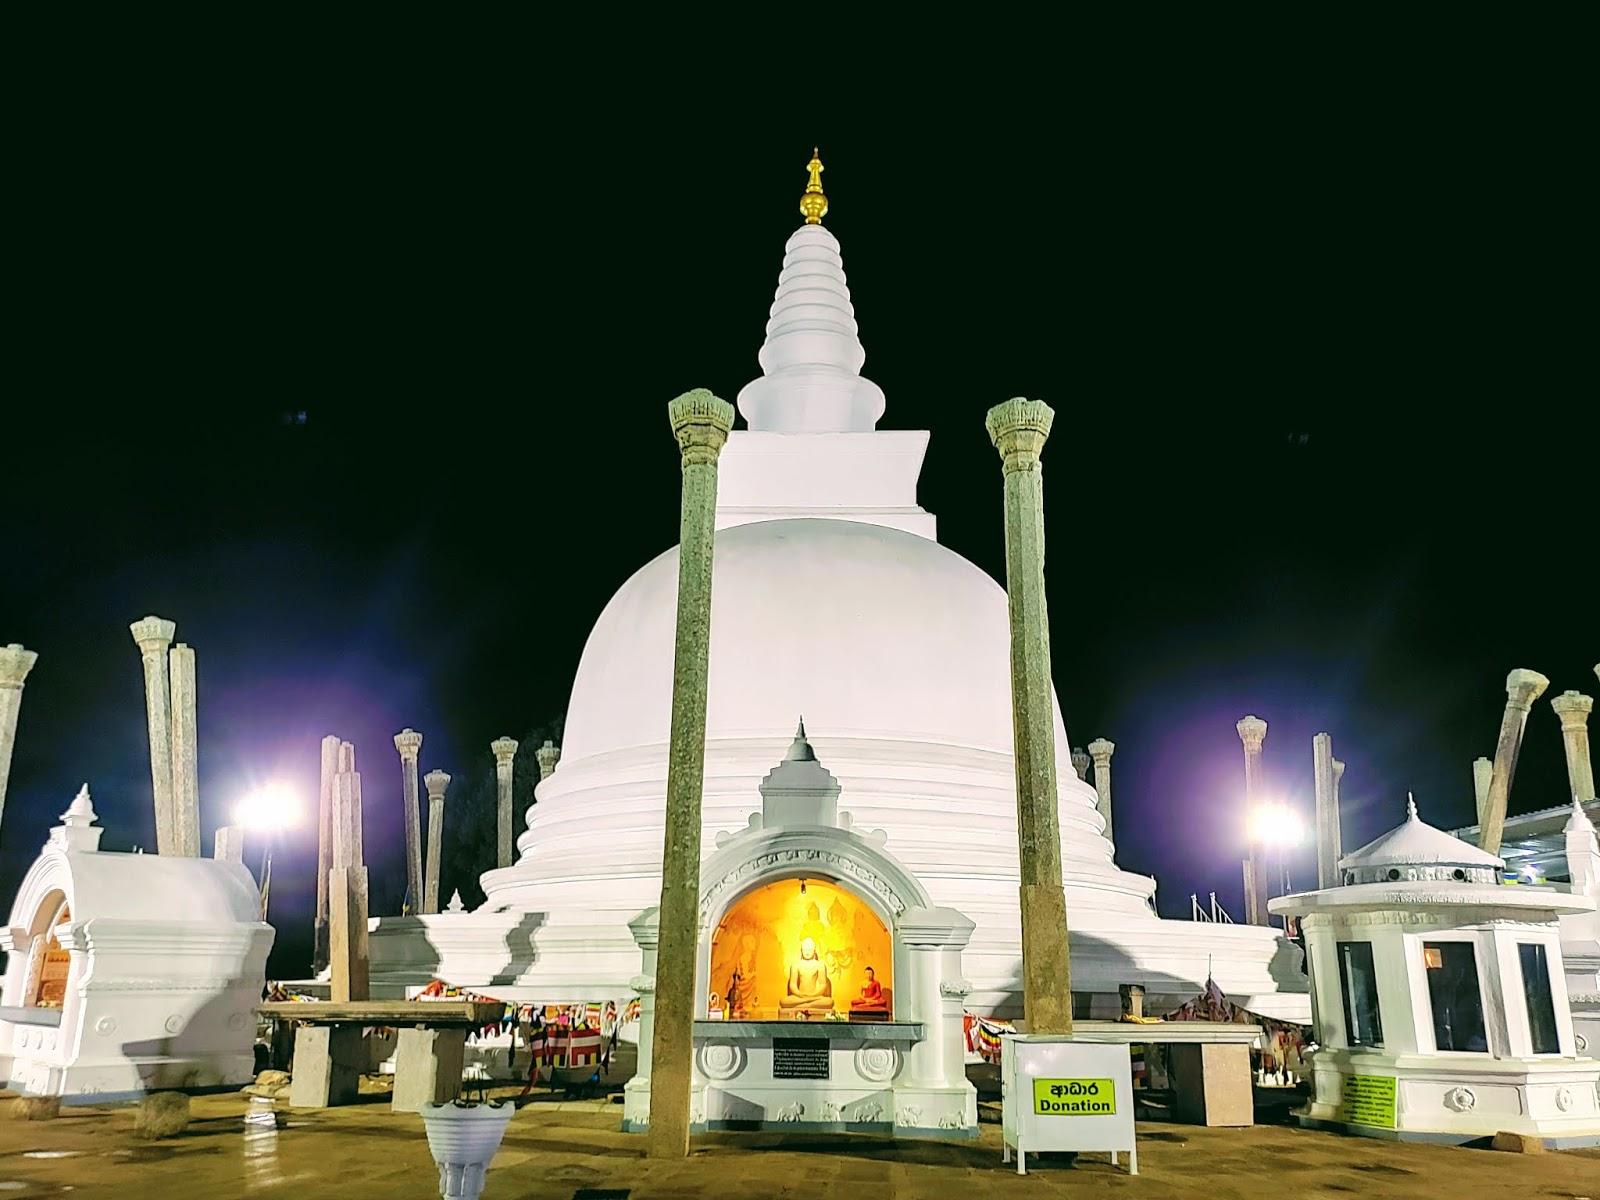 Thuparanya Dagaba, Anuradhapura